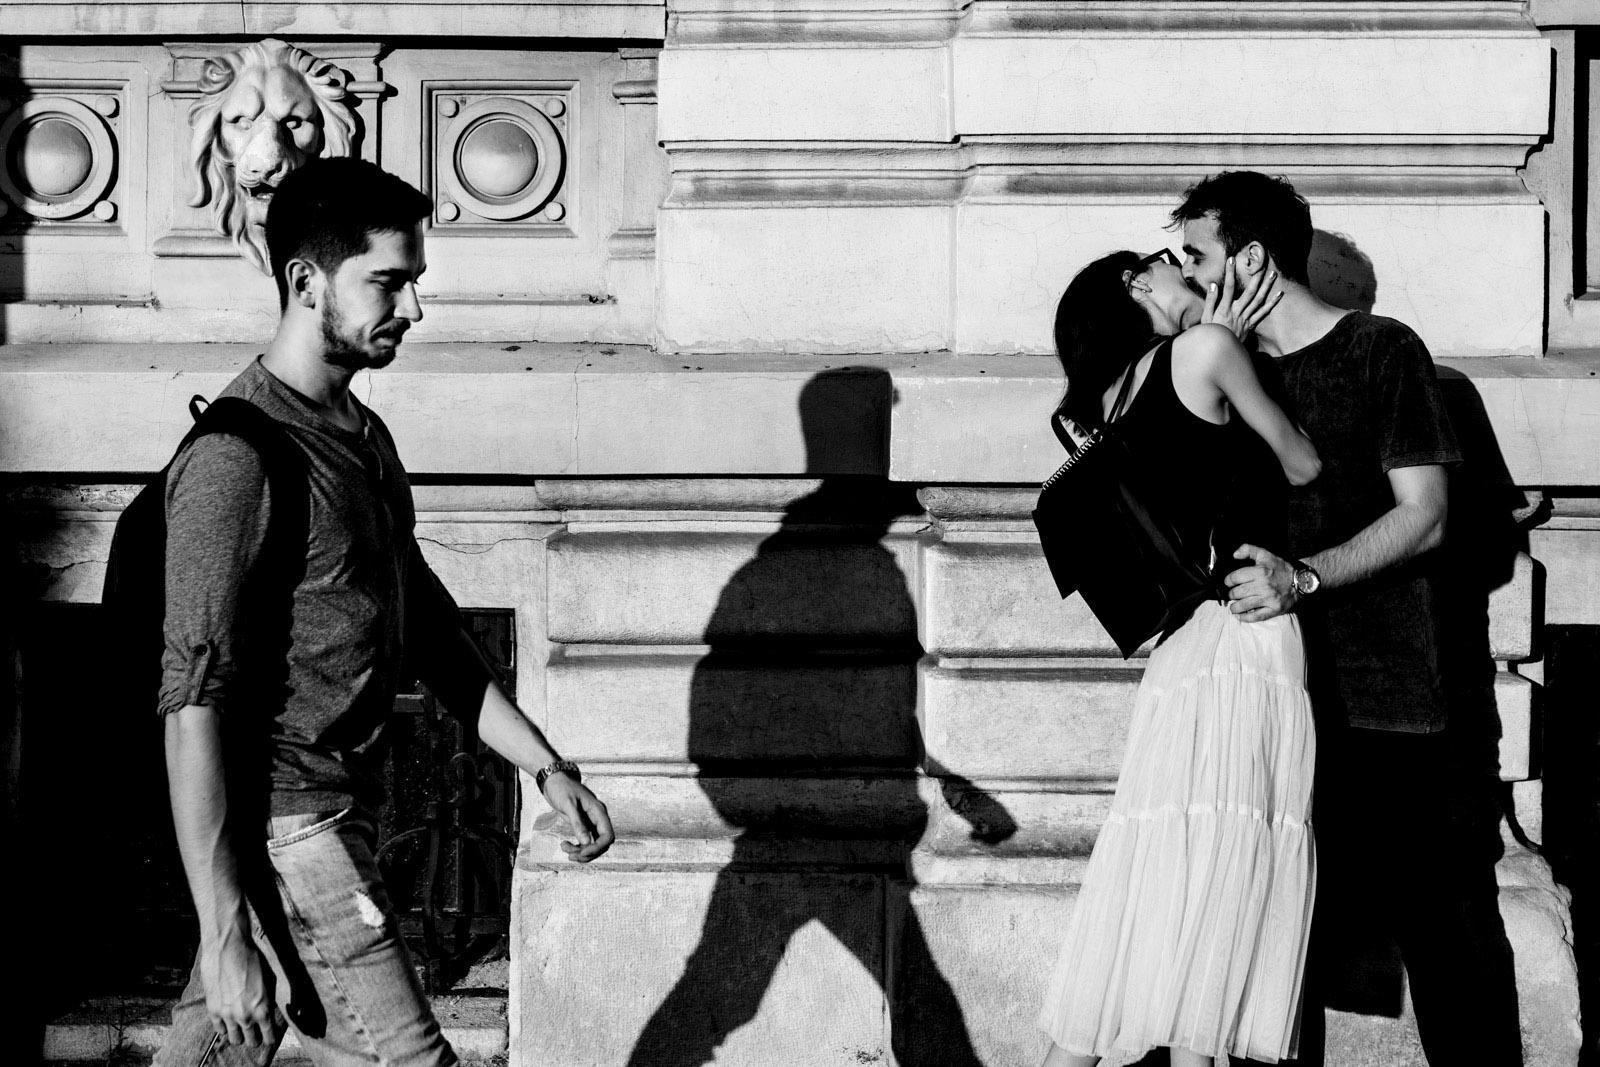 Sedinta foto cuplu Bucuresti- Sedinta foto save the date- sedinta foto love story- Fotograf Bucuresti